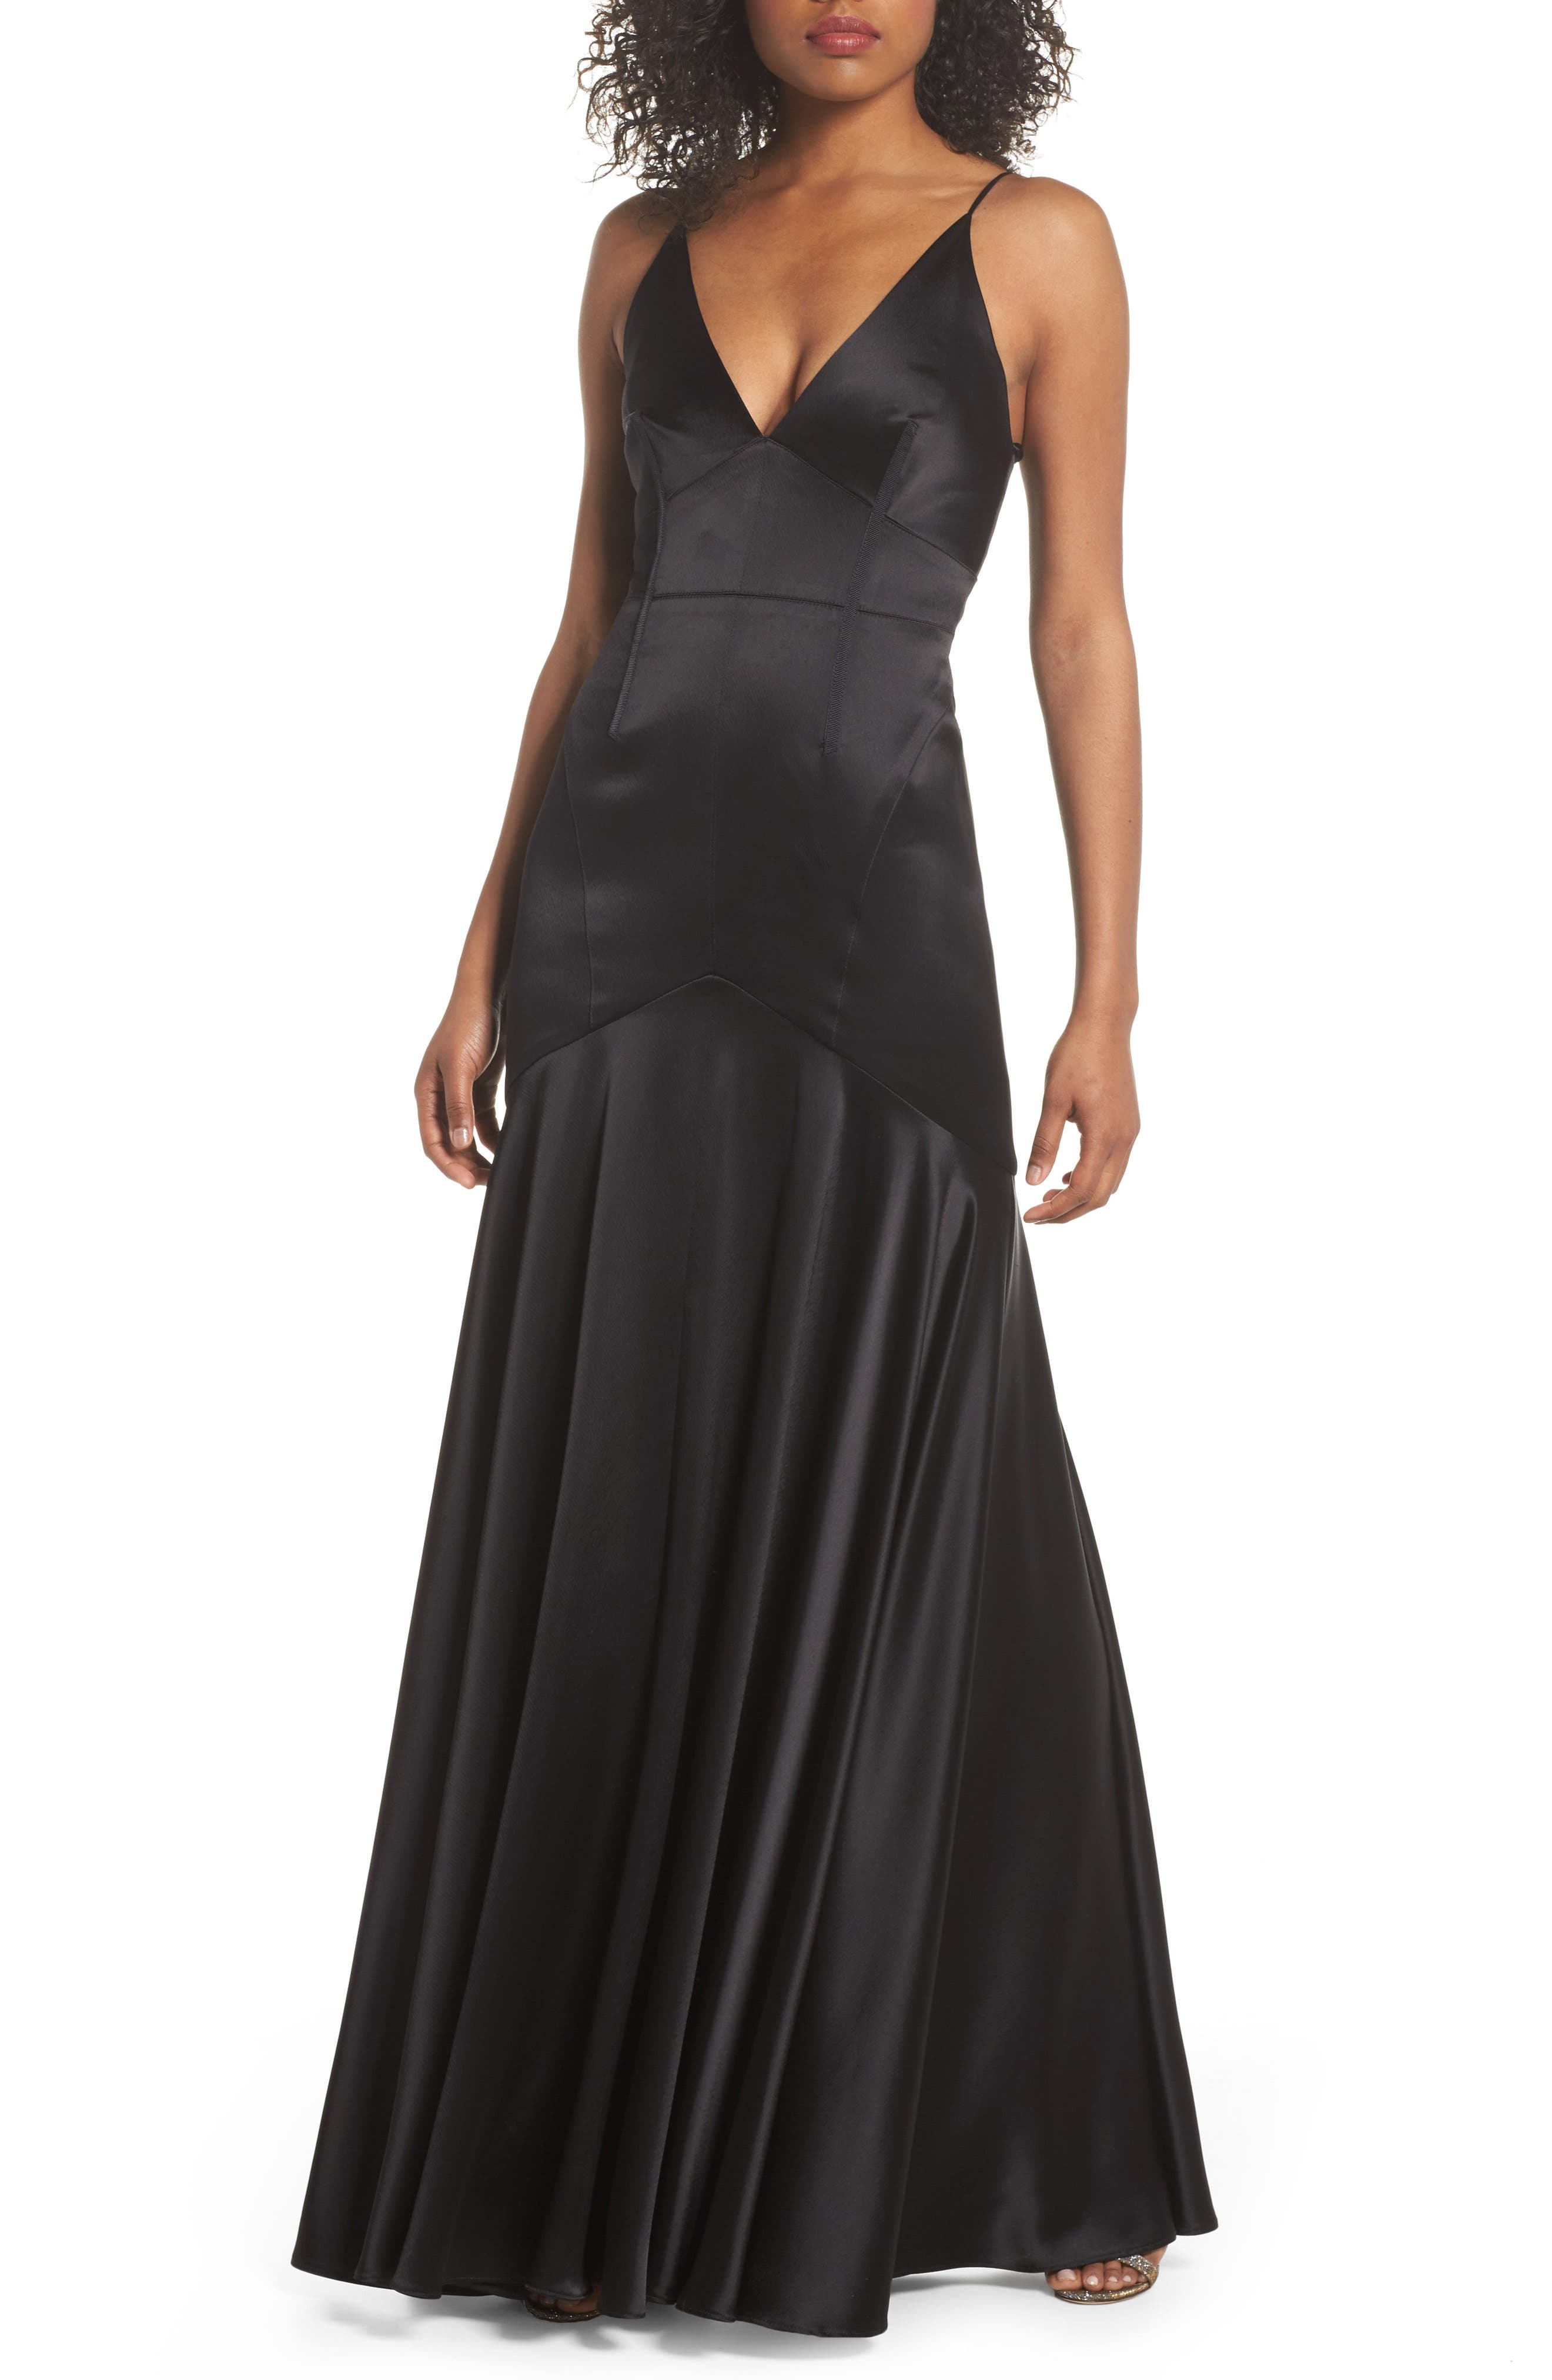 Jill Jill Stuart Corset Detail Satin Gown